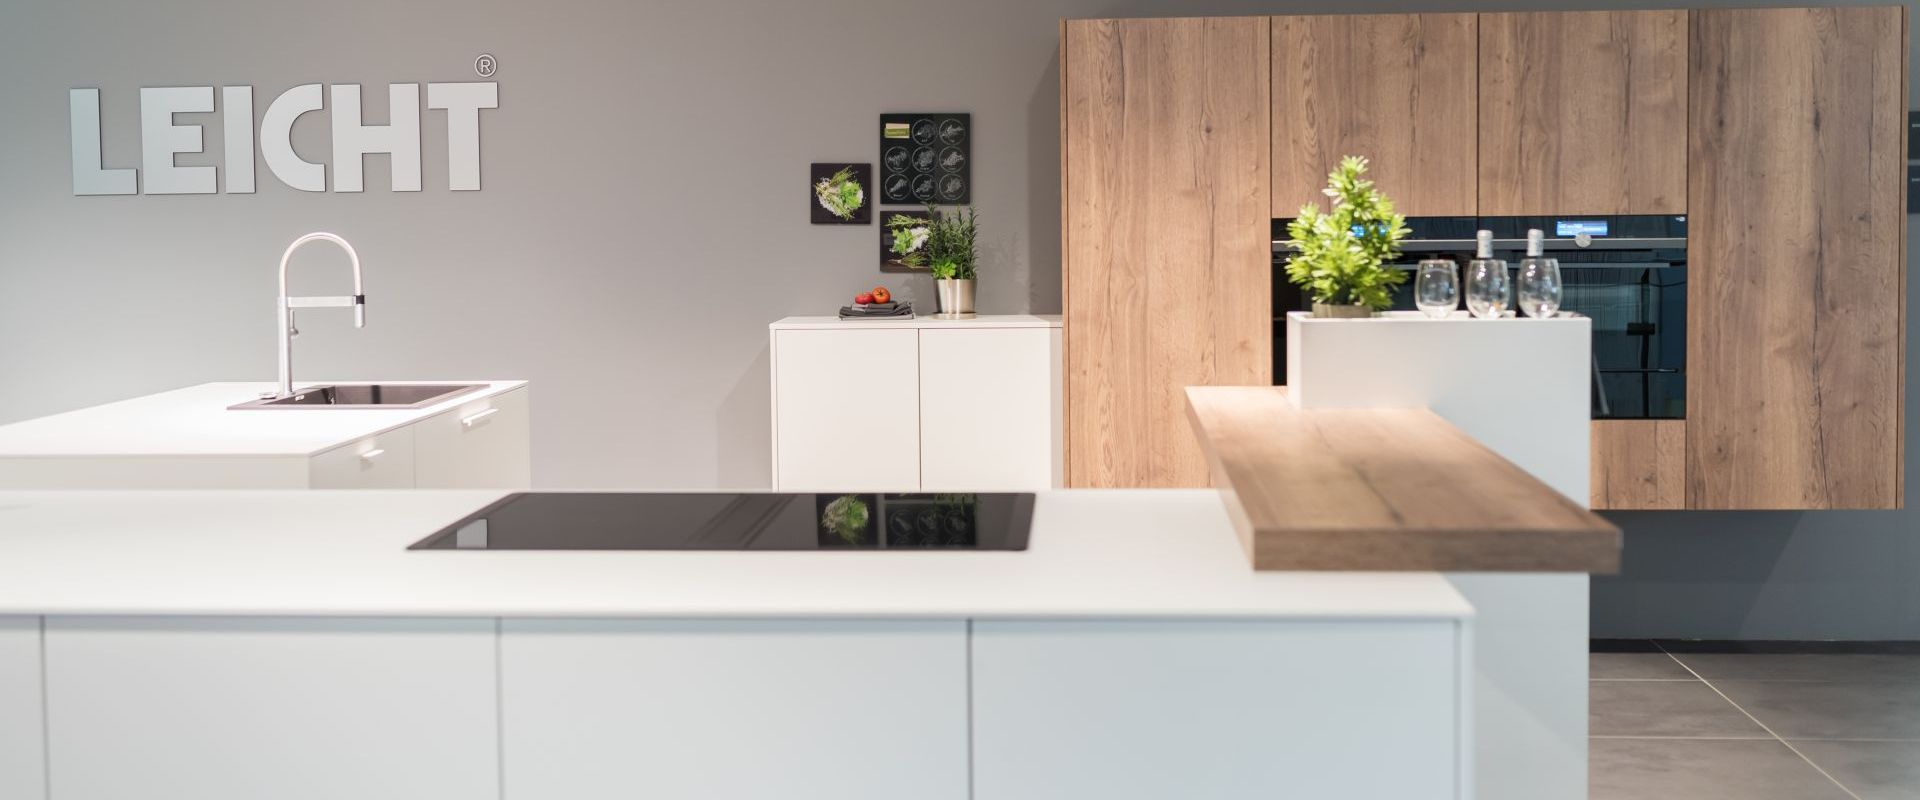 Erfreut Dekorieren Küche Schotten Bilder Zeitgenössisch - Küche Set ...